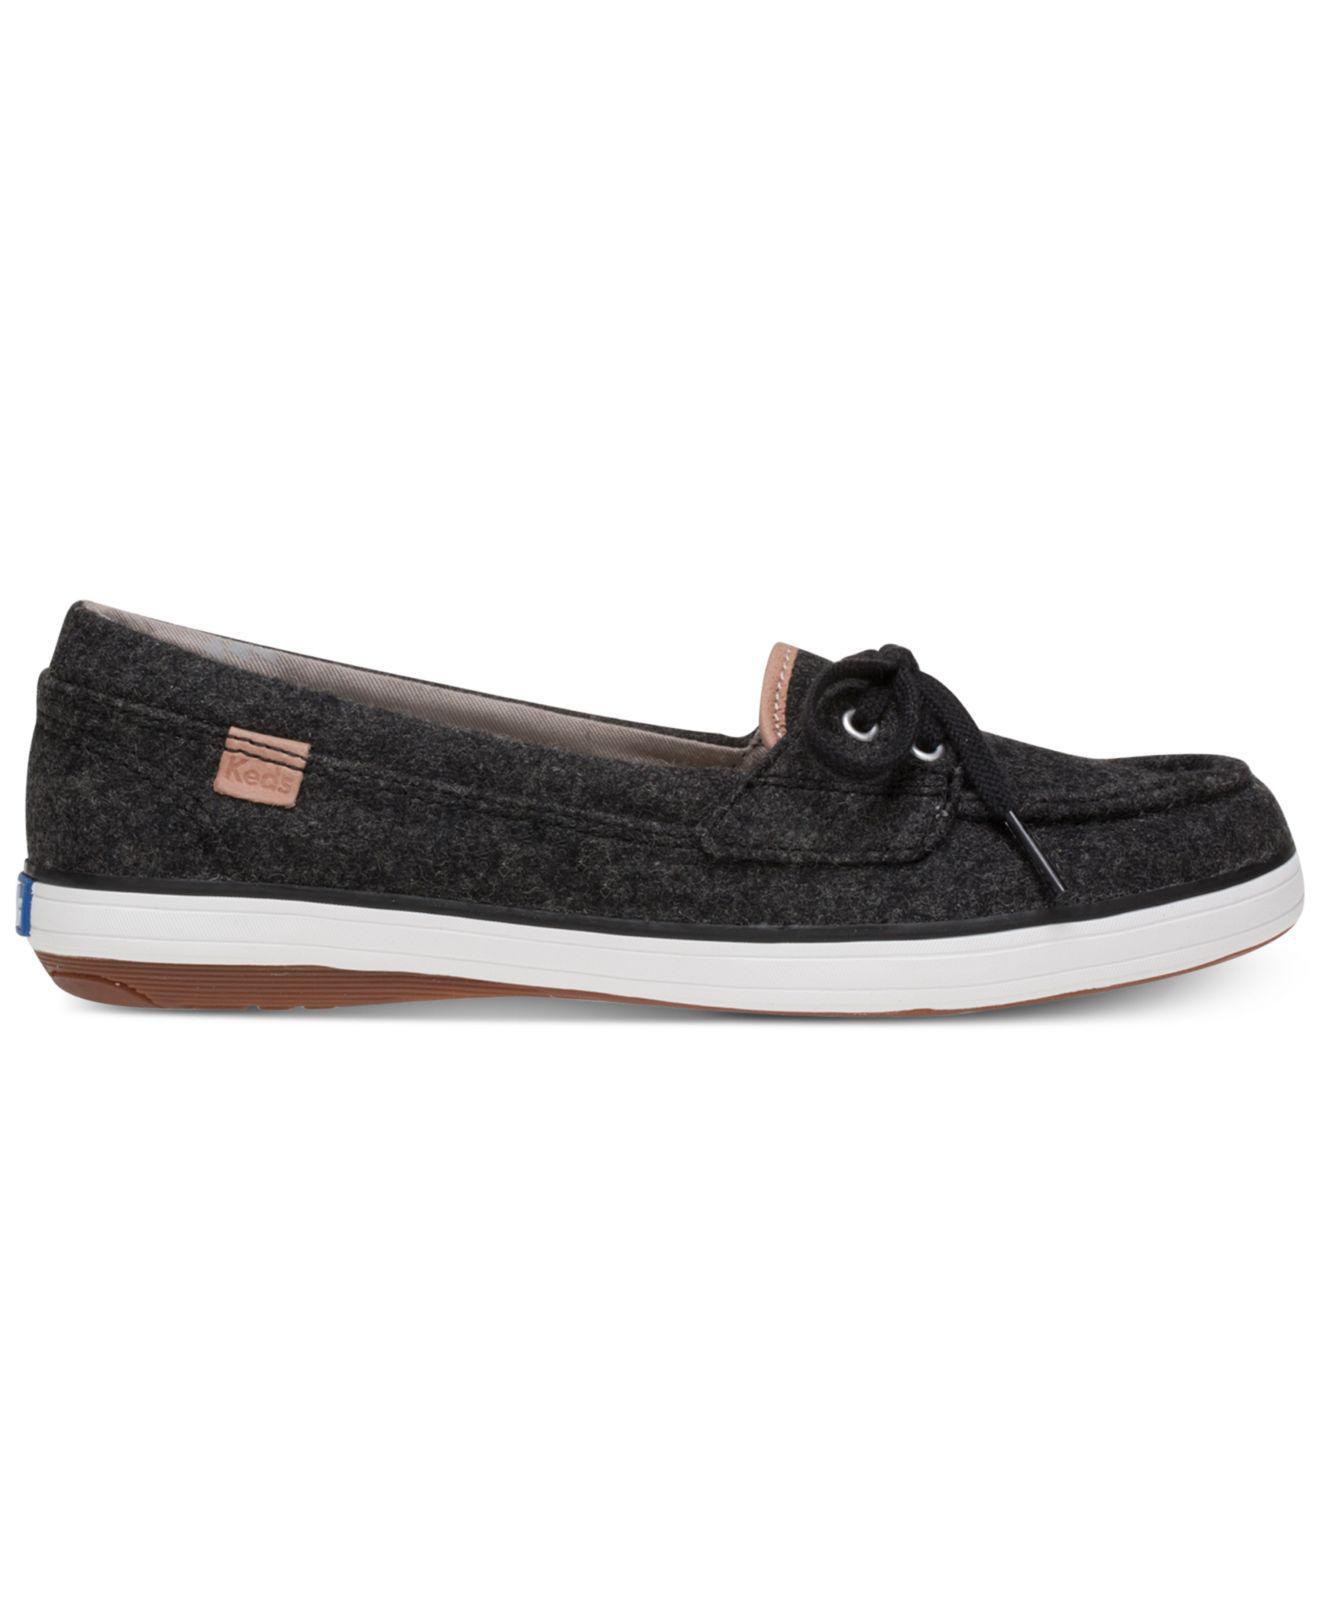 49cfcff1 Lyst - Keds Glimmer Felt Slip-on Sneakers